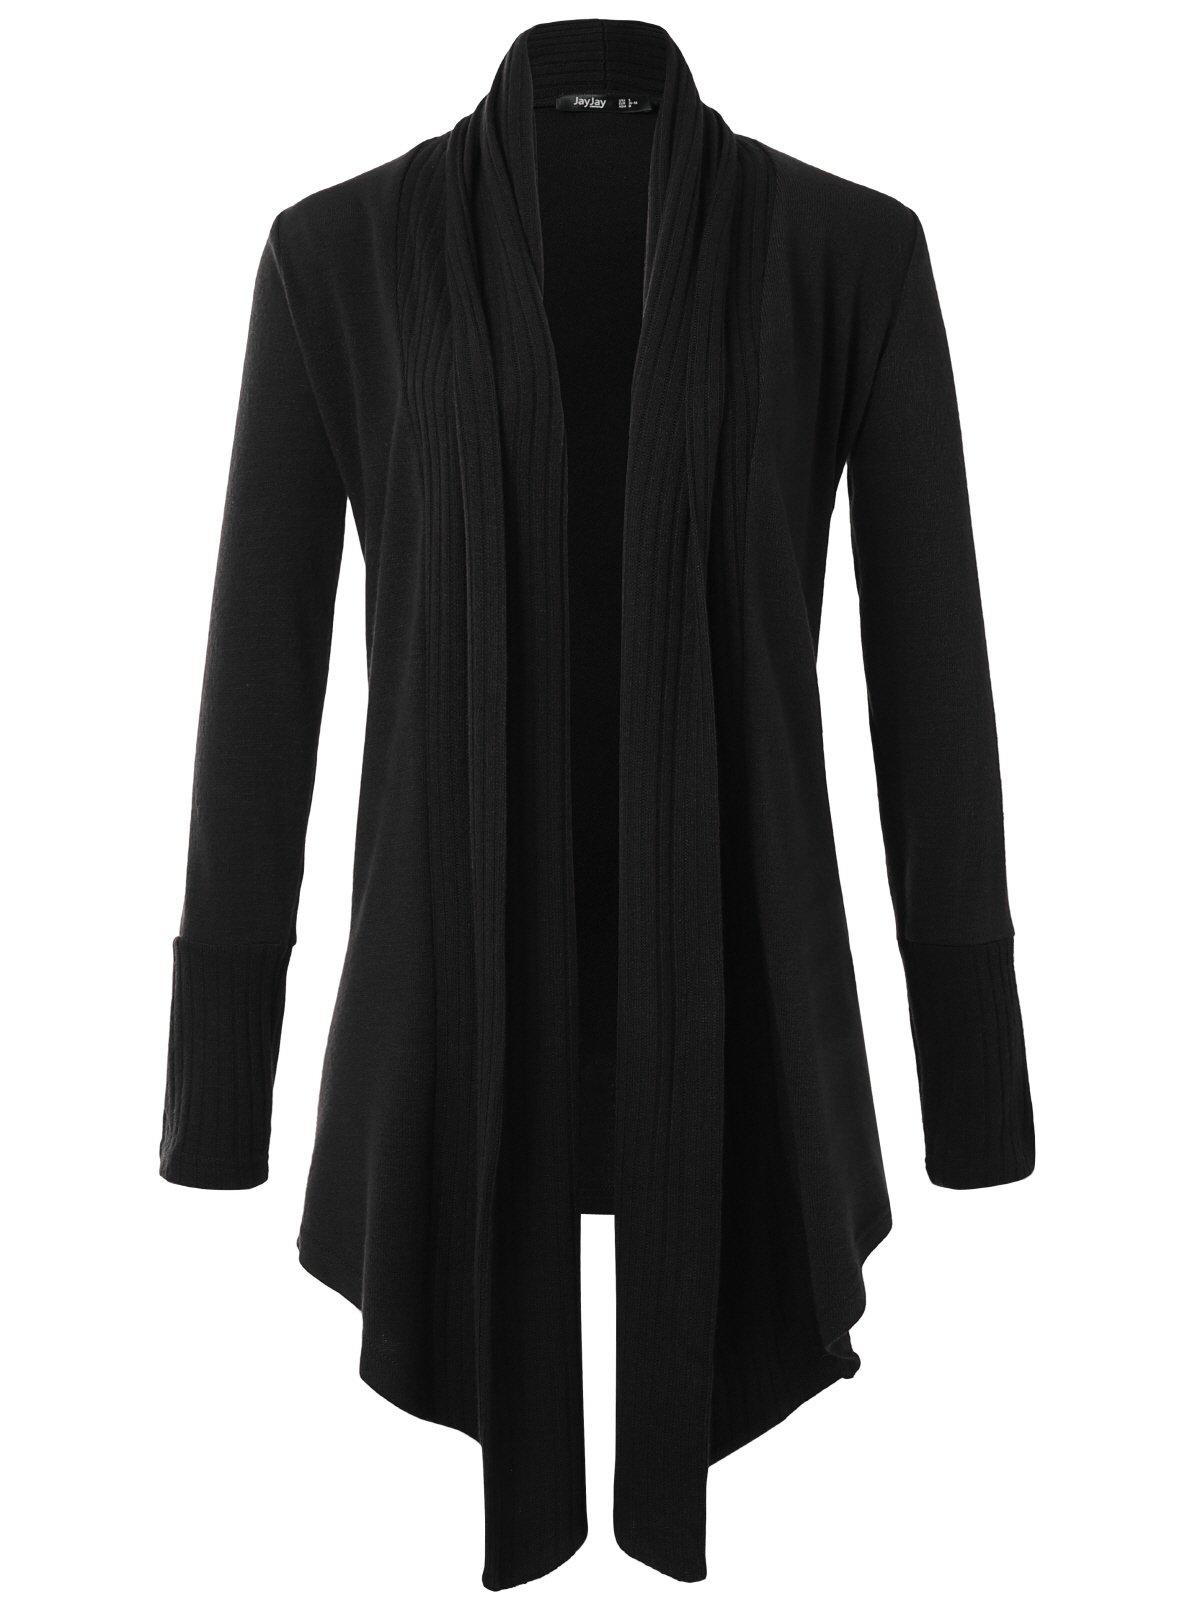 JayJay Women Boyfreind Loose Fit Long Sleeve Open Shawl Long Sweater Cardigan,Black,2XL